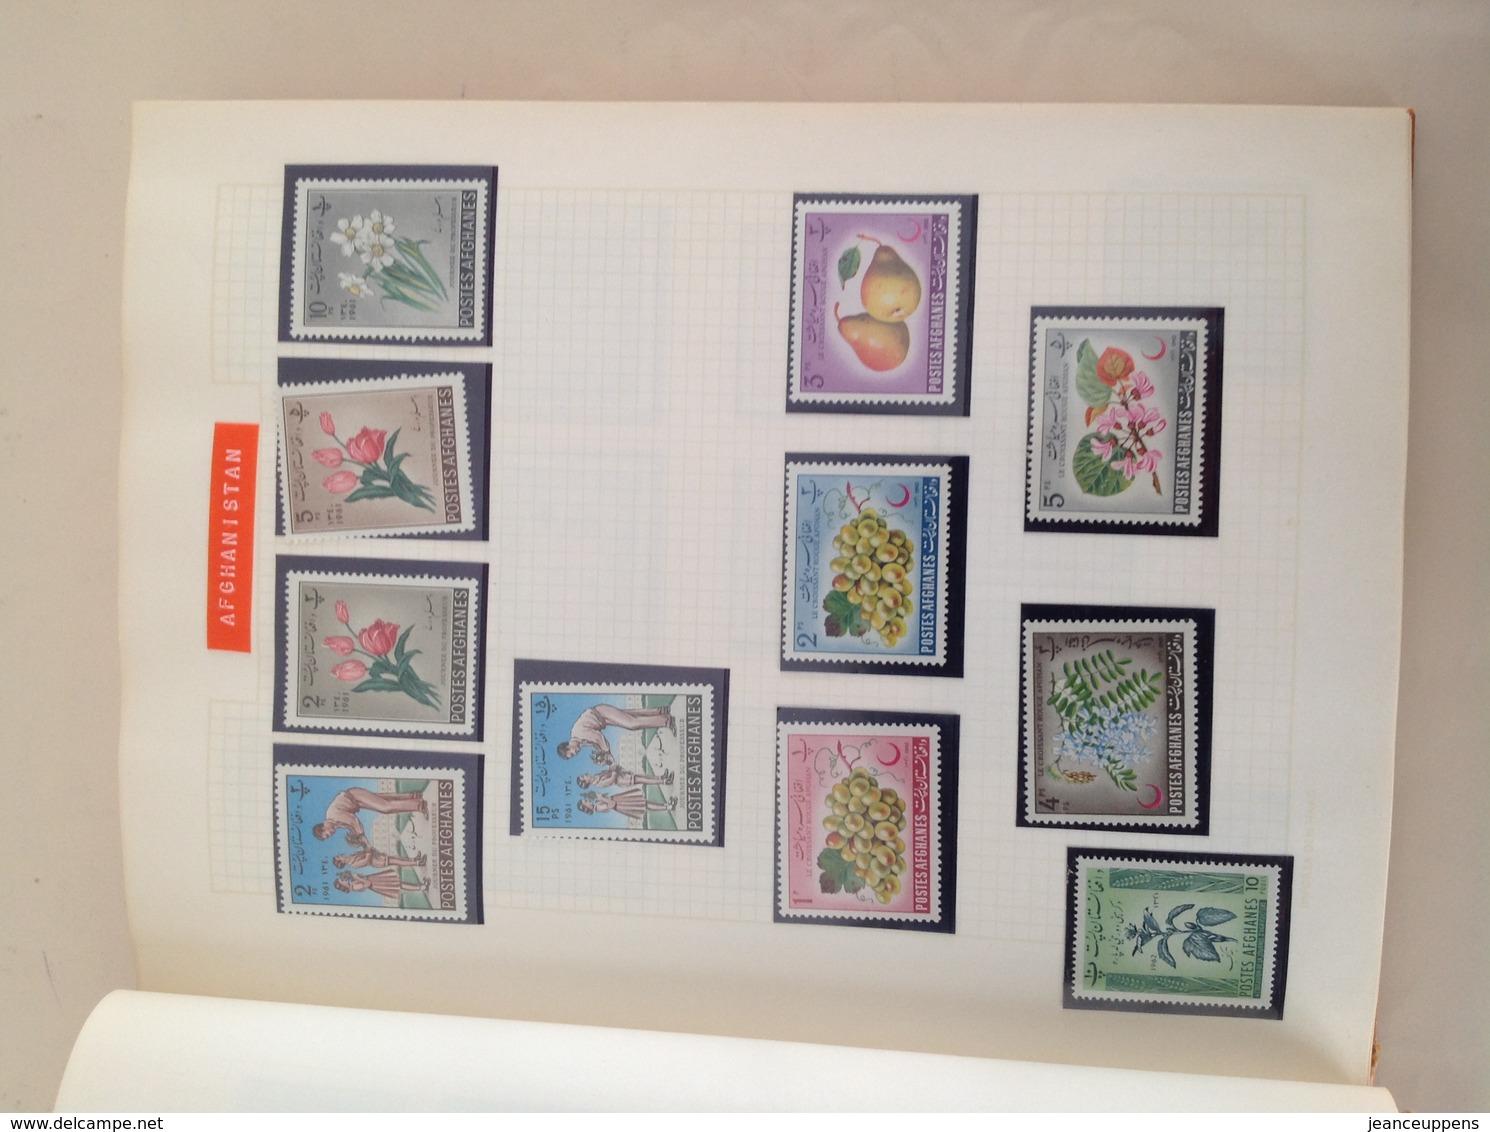 Vente Ensemble De 35 Timbres Thématique Fleurs Années 1950/1975 (Afghanistan) - Vrac (max 999 Timbres)